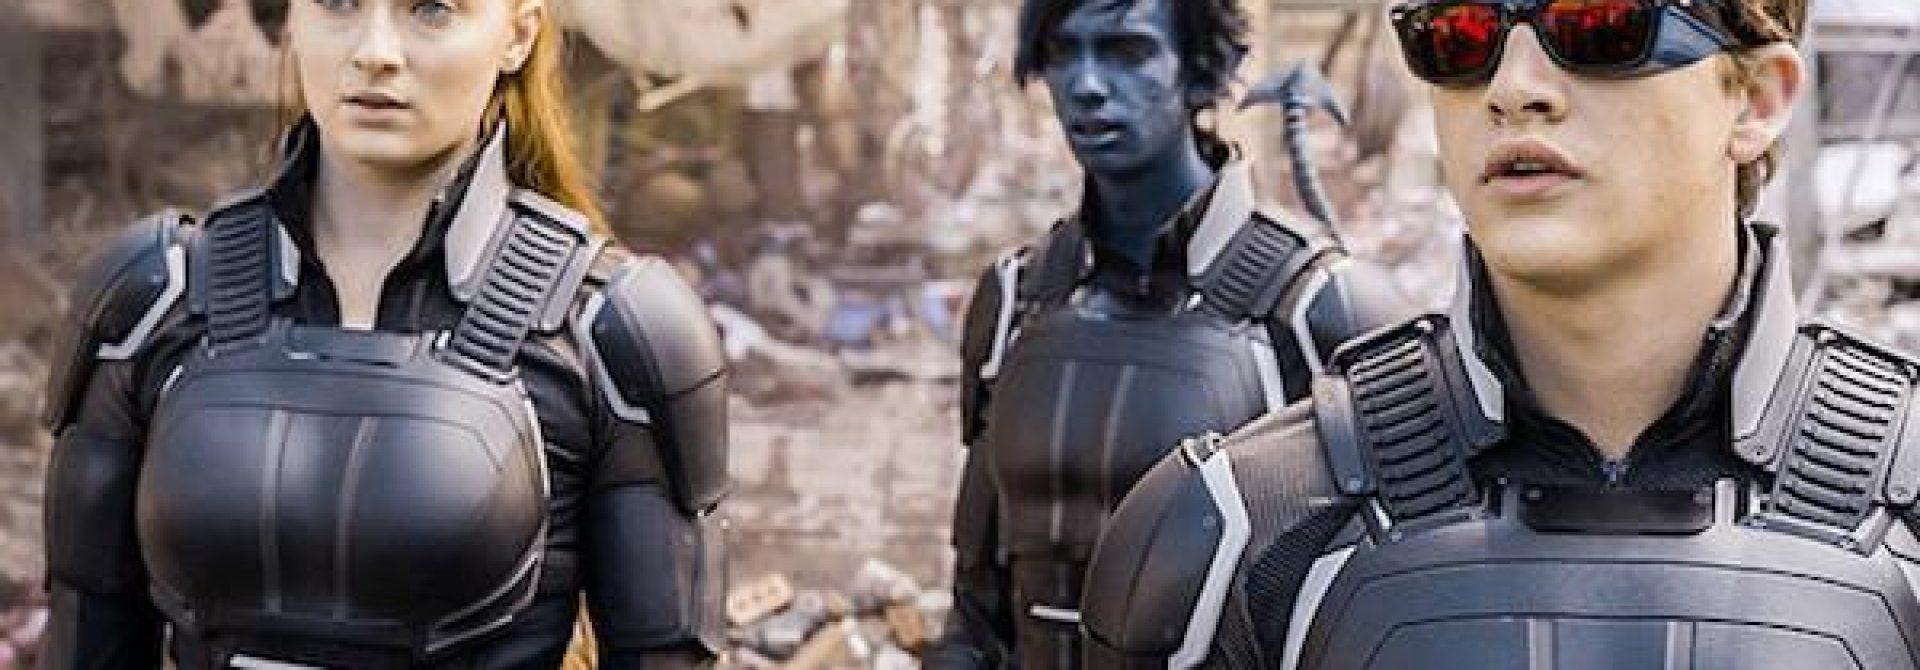 Sophie Turner Confirms New X-Men Film